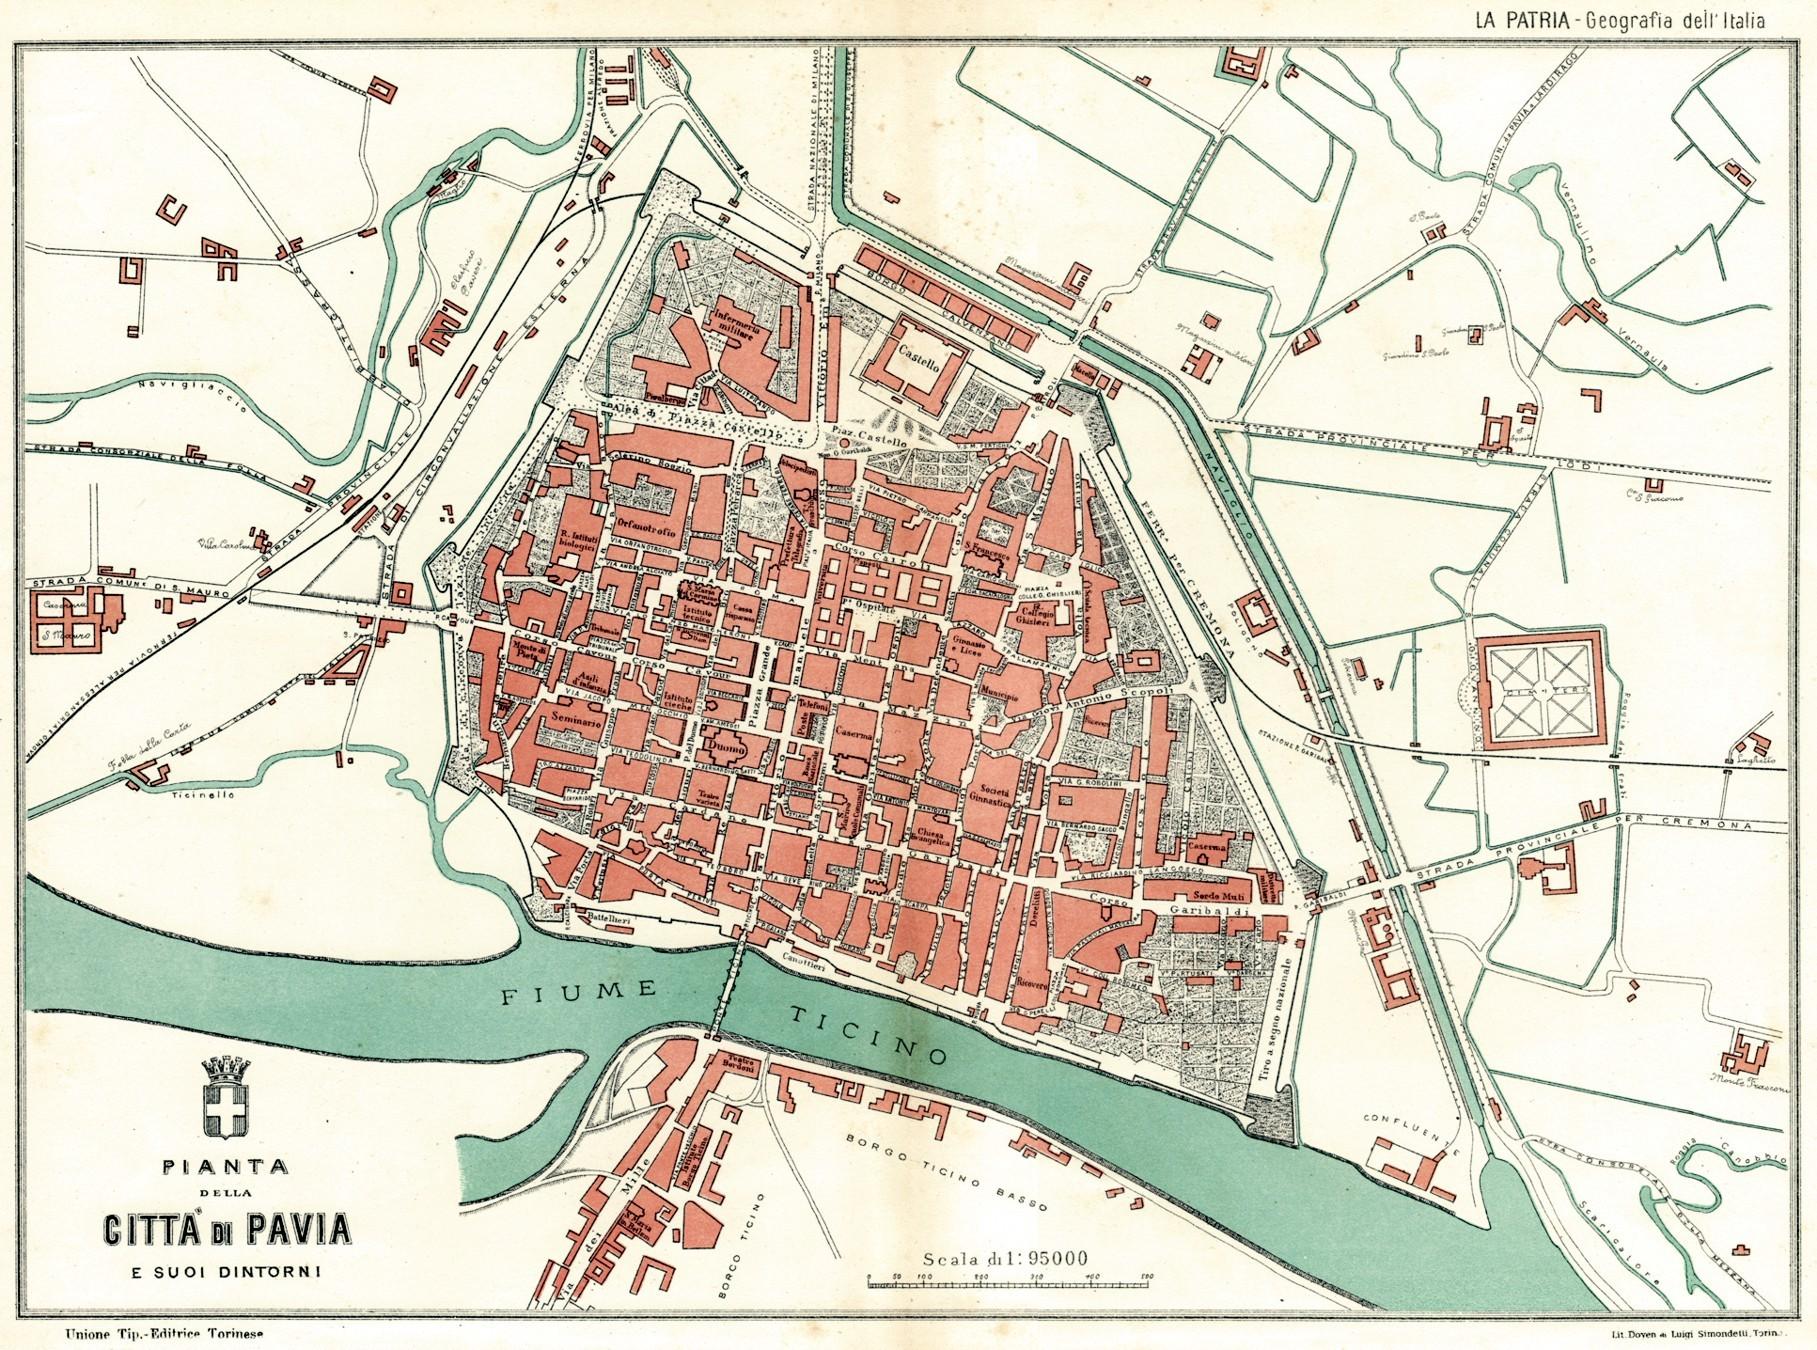 Cartina Lombardia Pavia.Pianta Di Pavia E Dintorni Grande Carta Topografica Mappa Passepartout 1896 Ebay